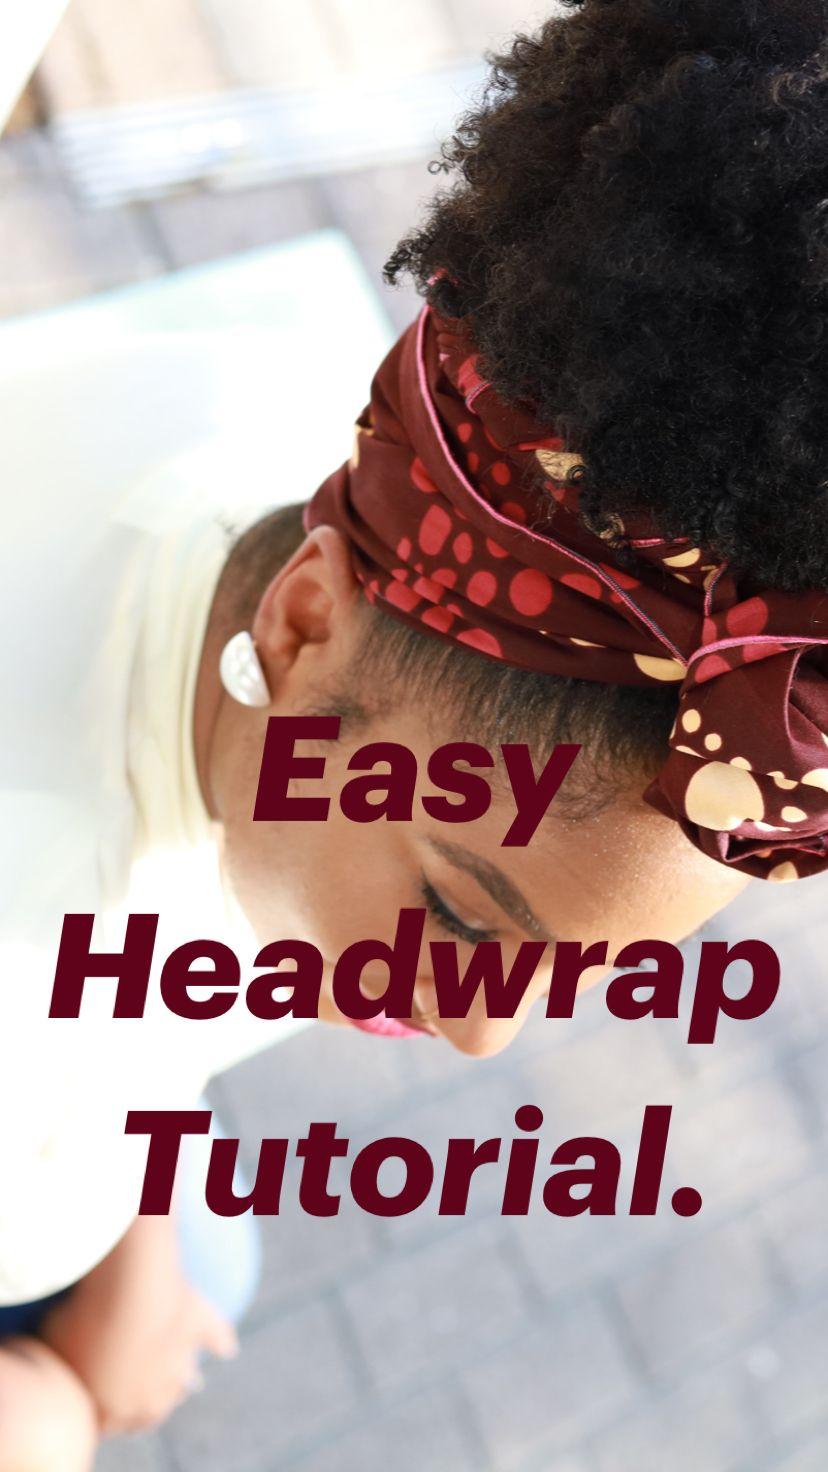 Easy Headwrap Tutorial.